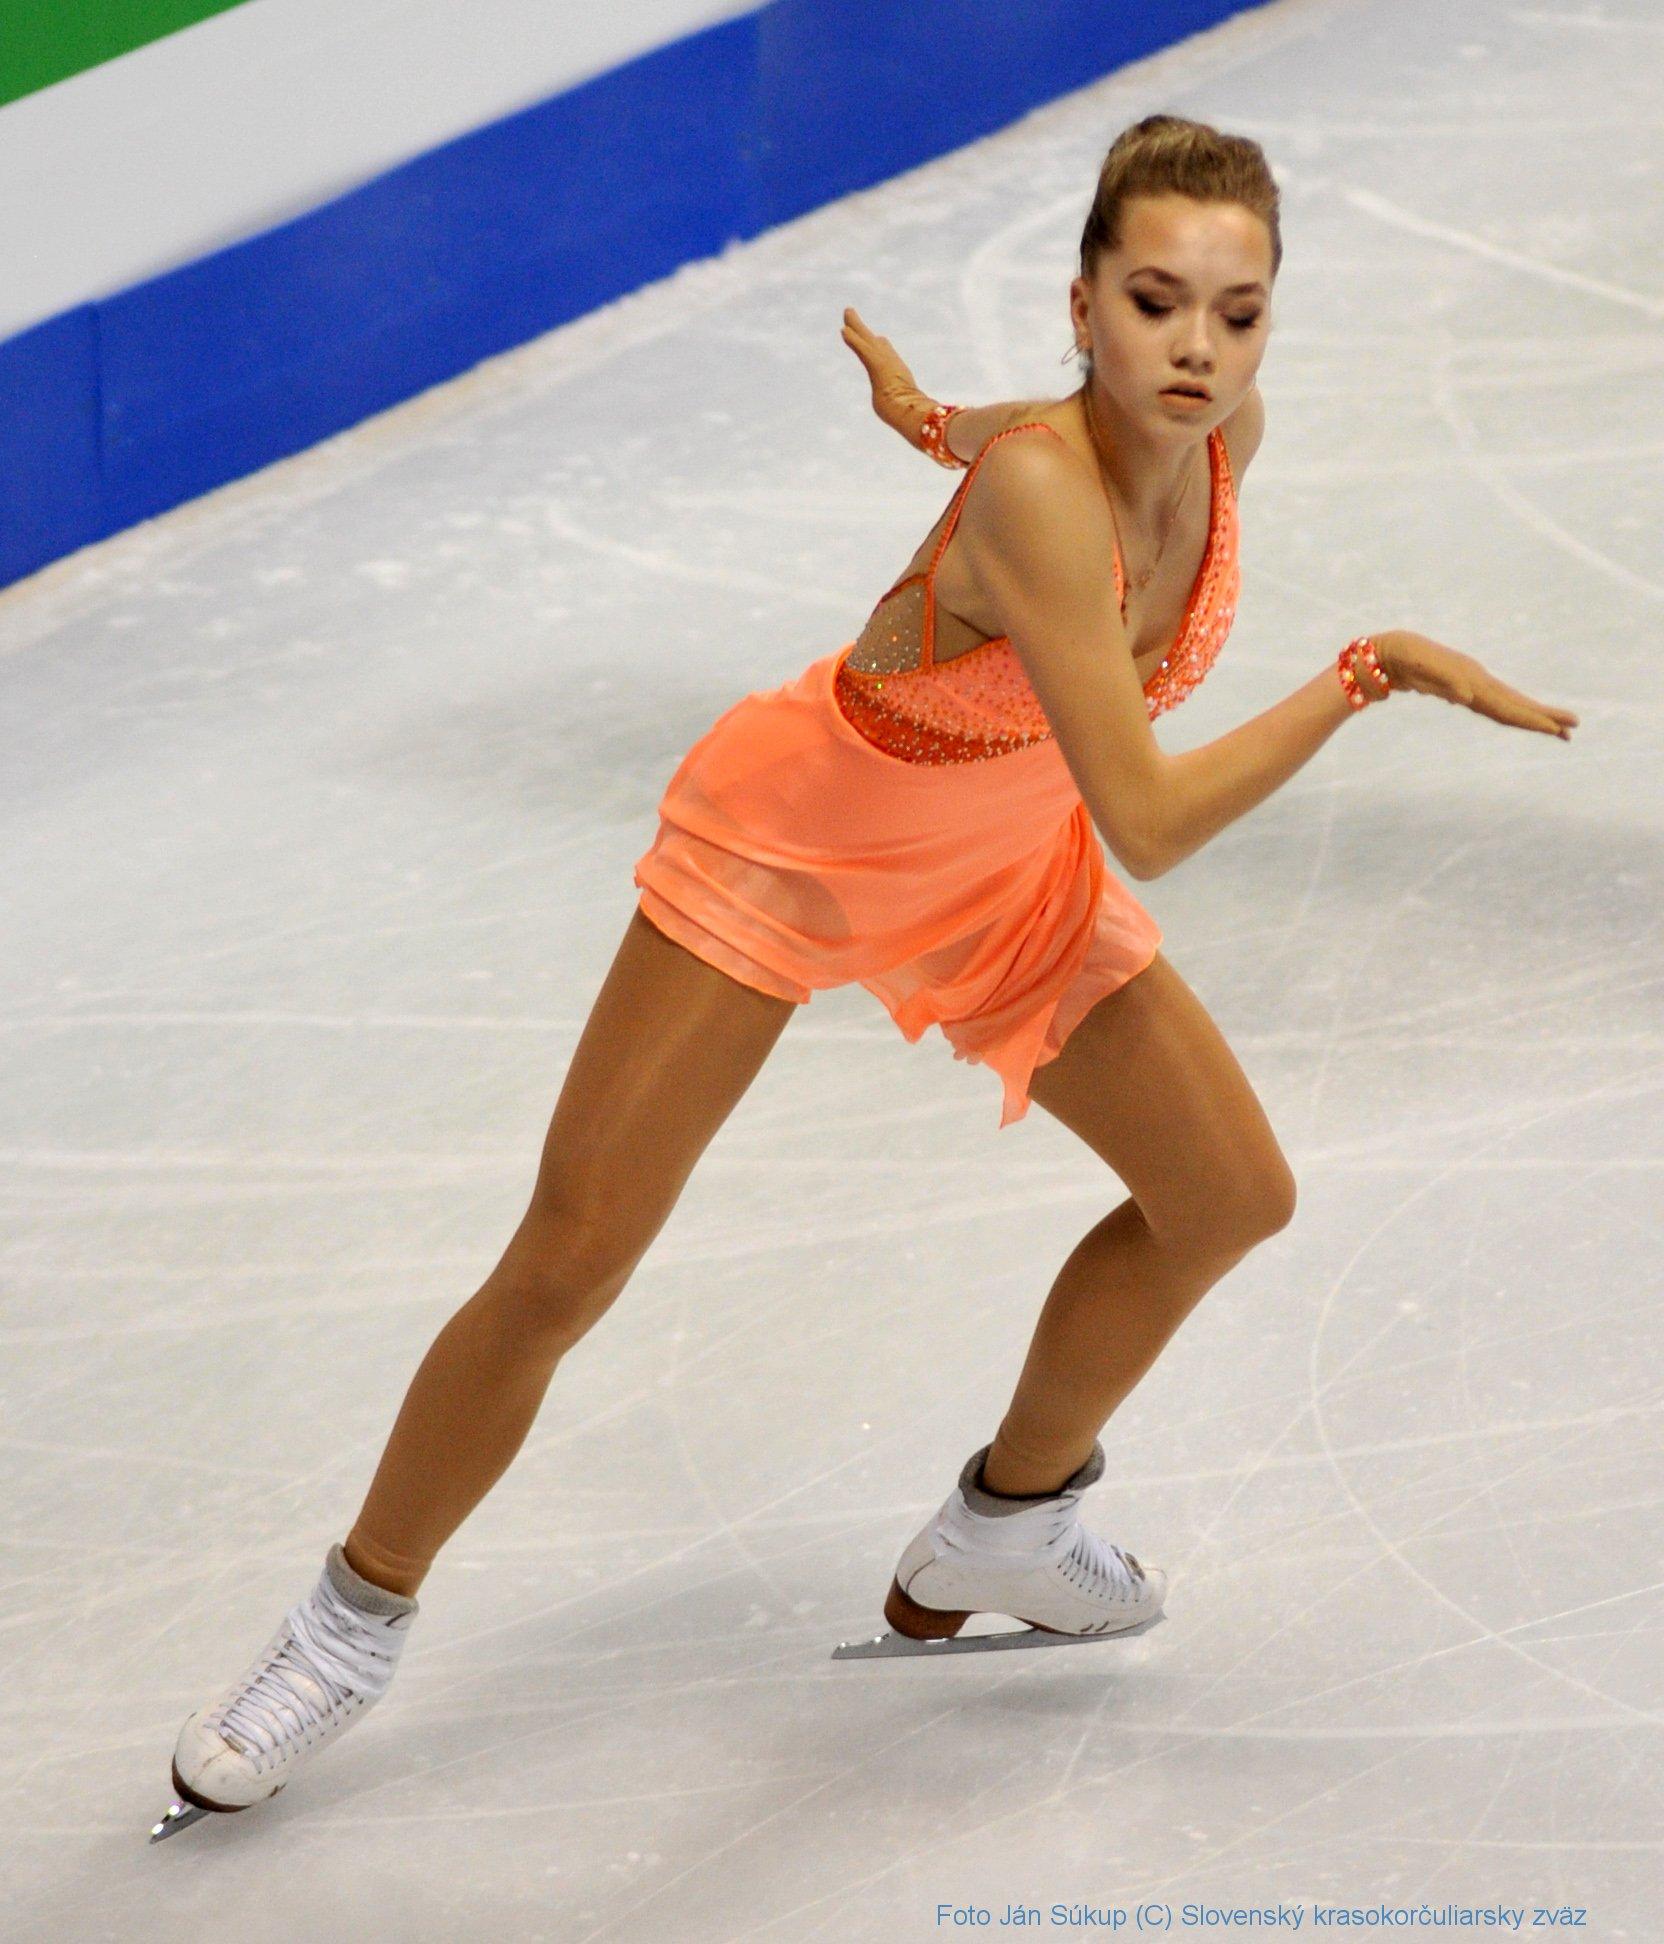 JSP_2844_elena_radionova_rus